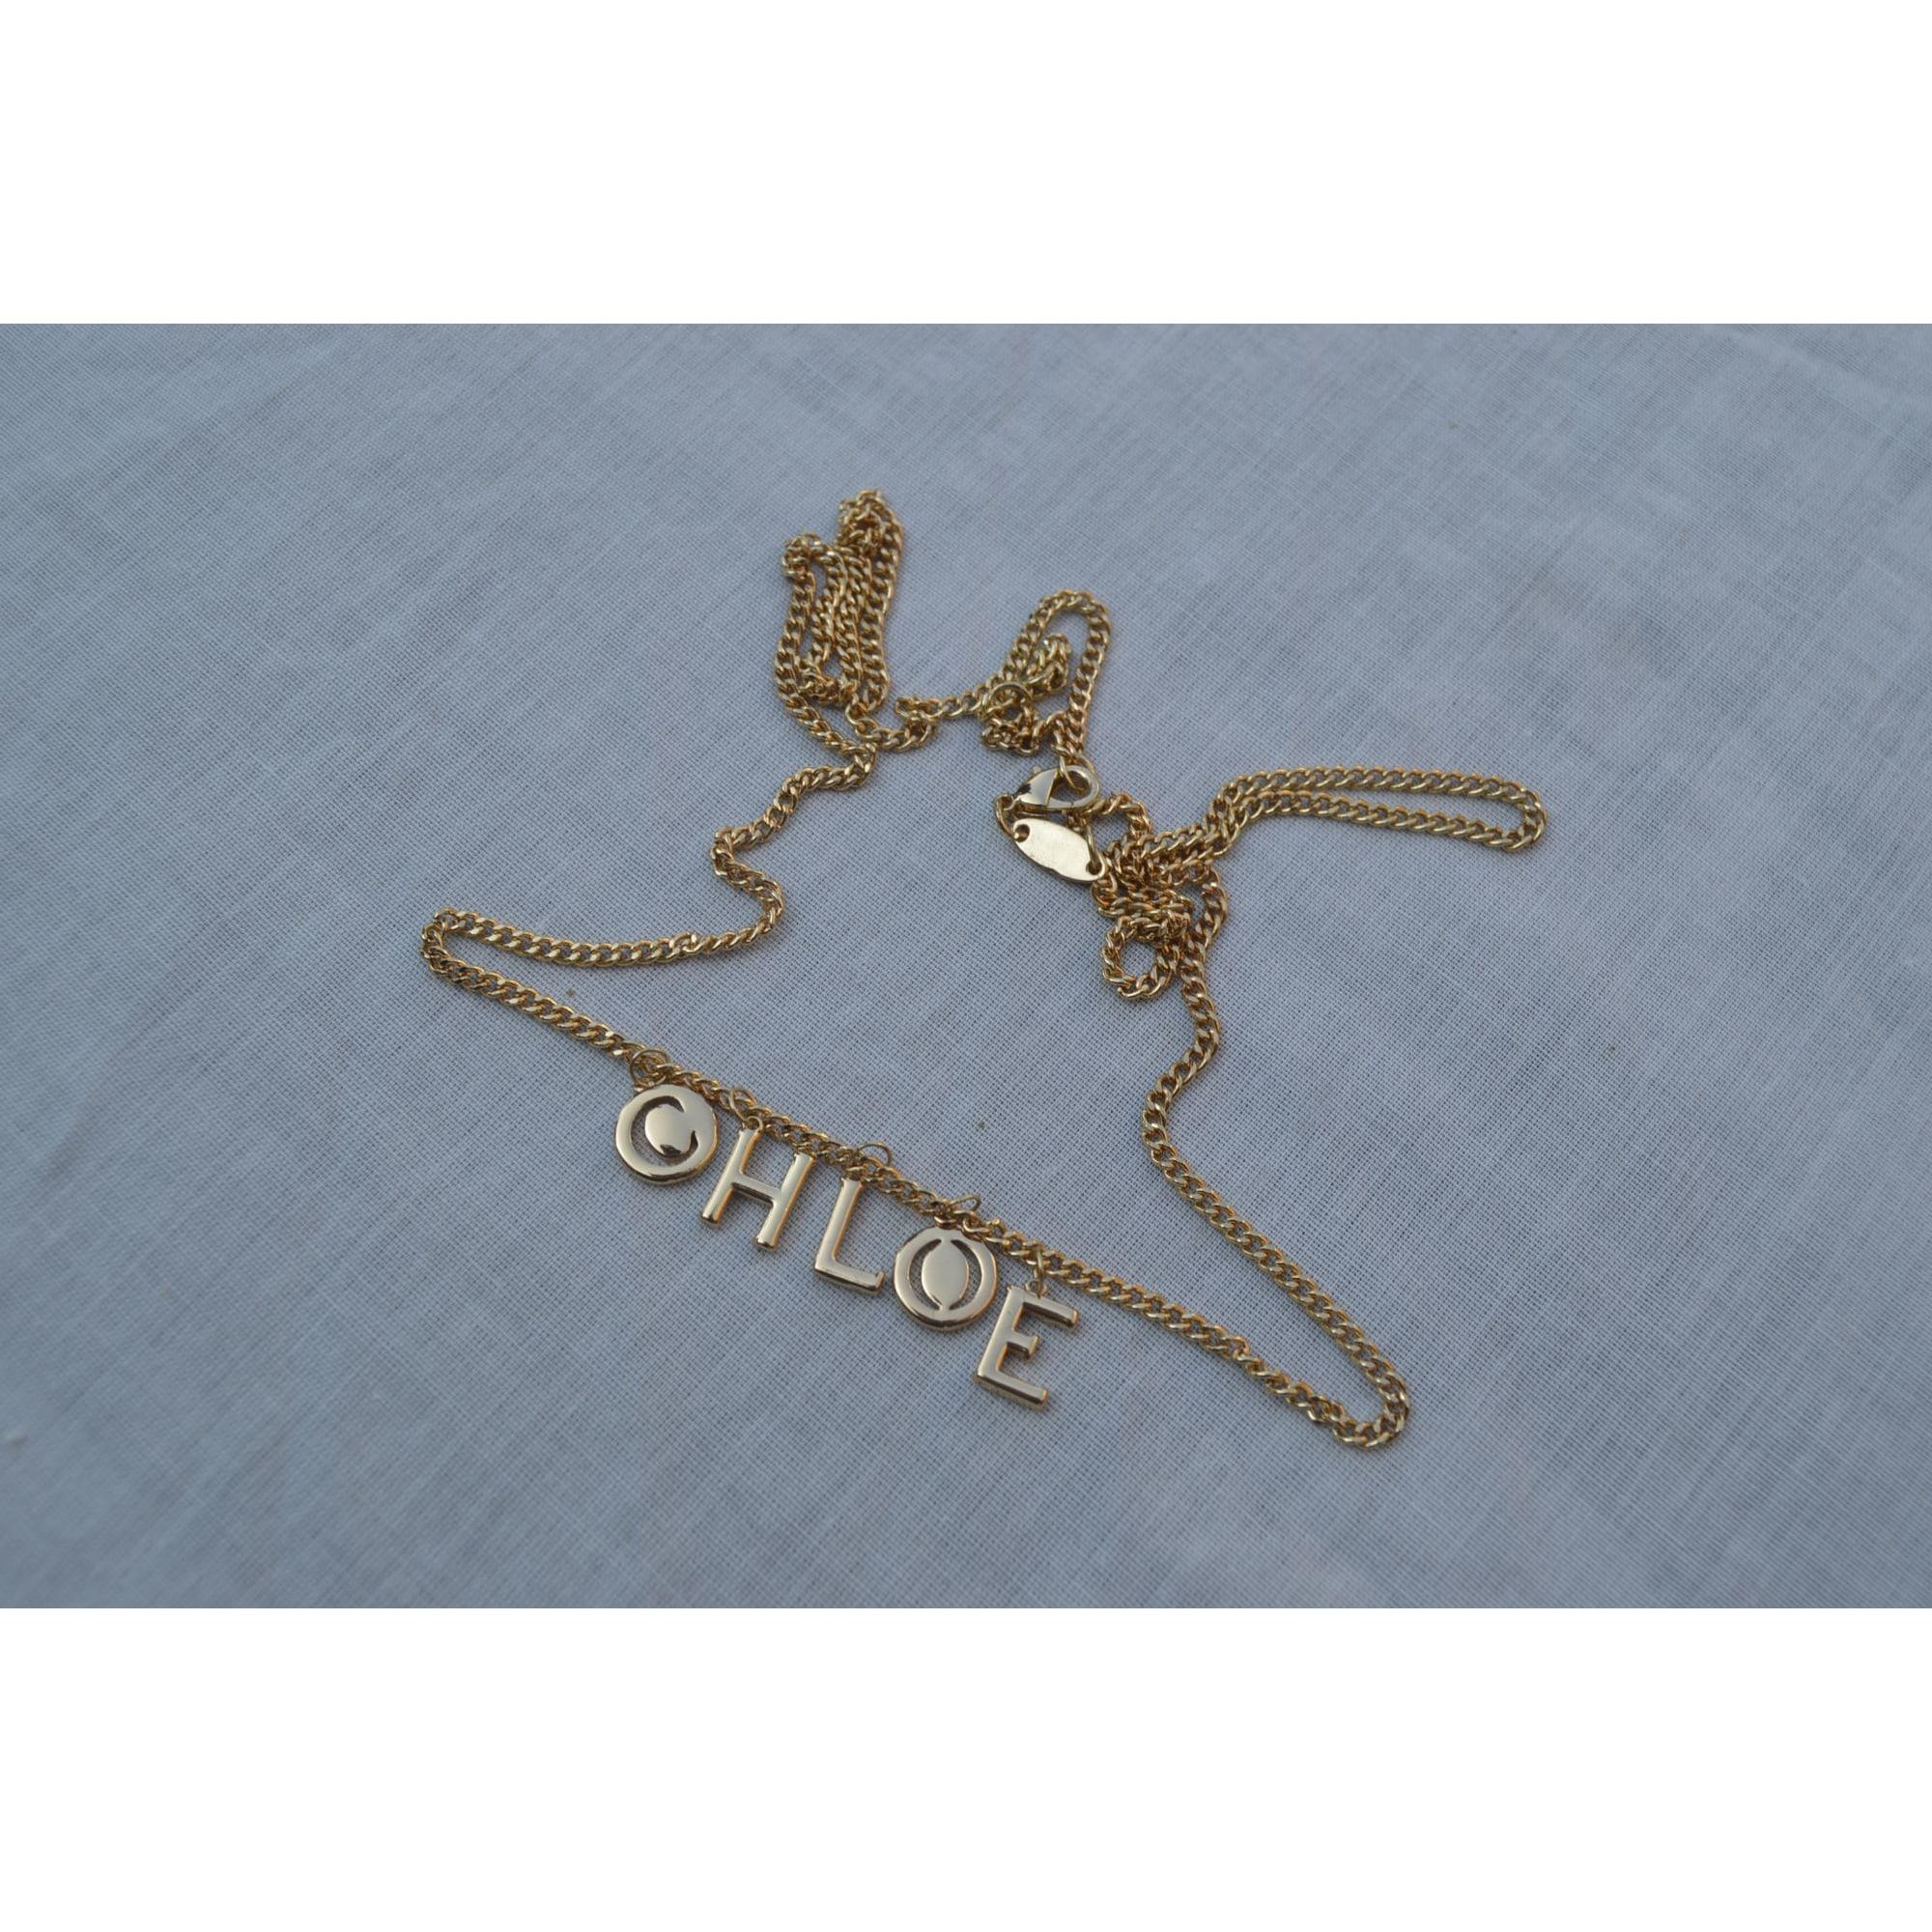 Collier CHLOÉ Doré, bronze, cuivre